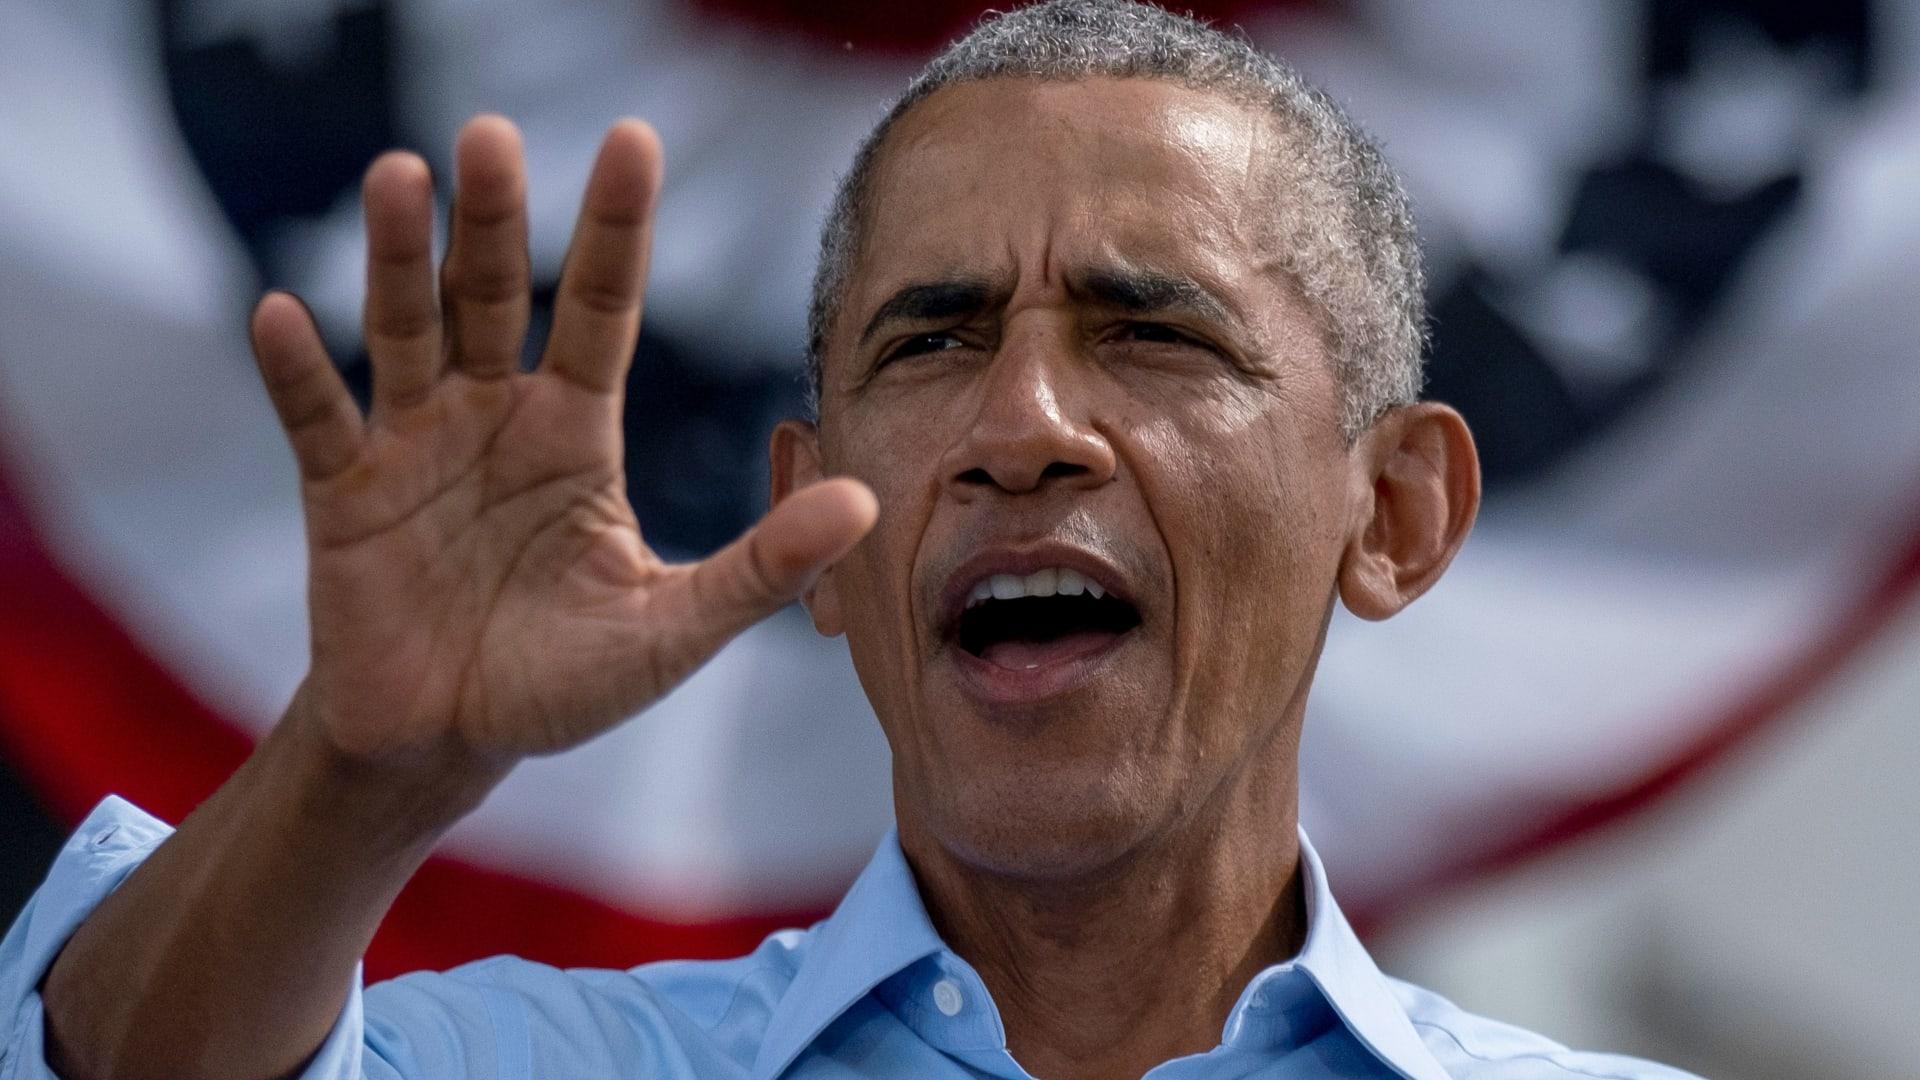 أوباما يستعرض مهارته برمية ثلاثية جانبية خلال جولة لدعم بايدن